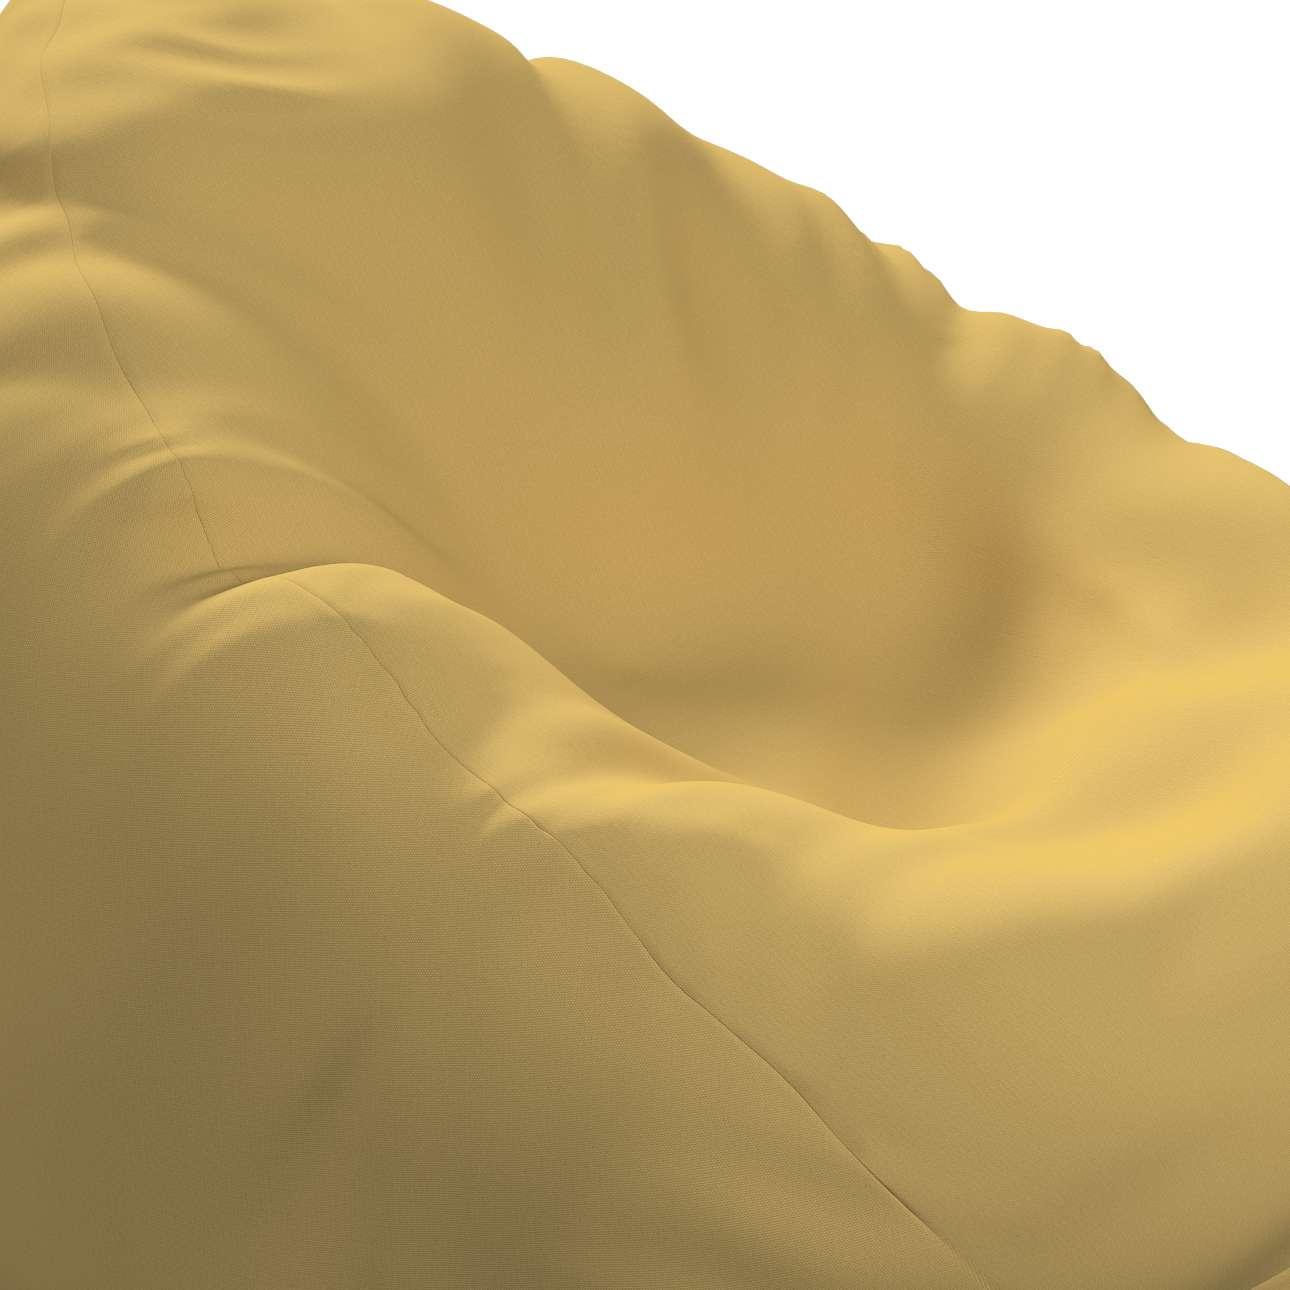 Bezug für Sitzsack von der Kollektion Cotton Panama, Stoff: 702-41